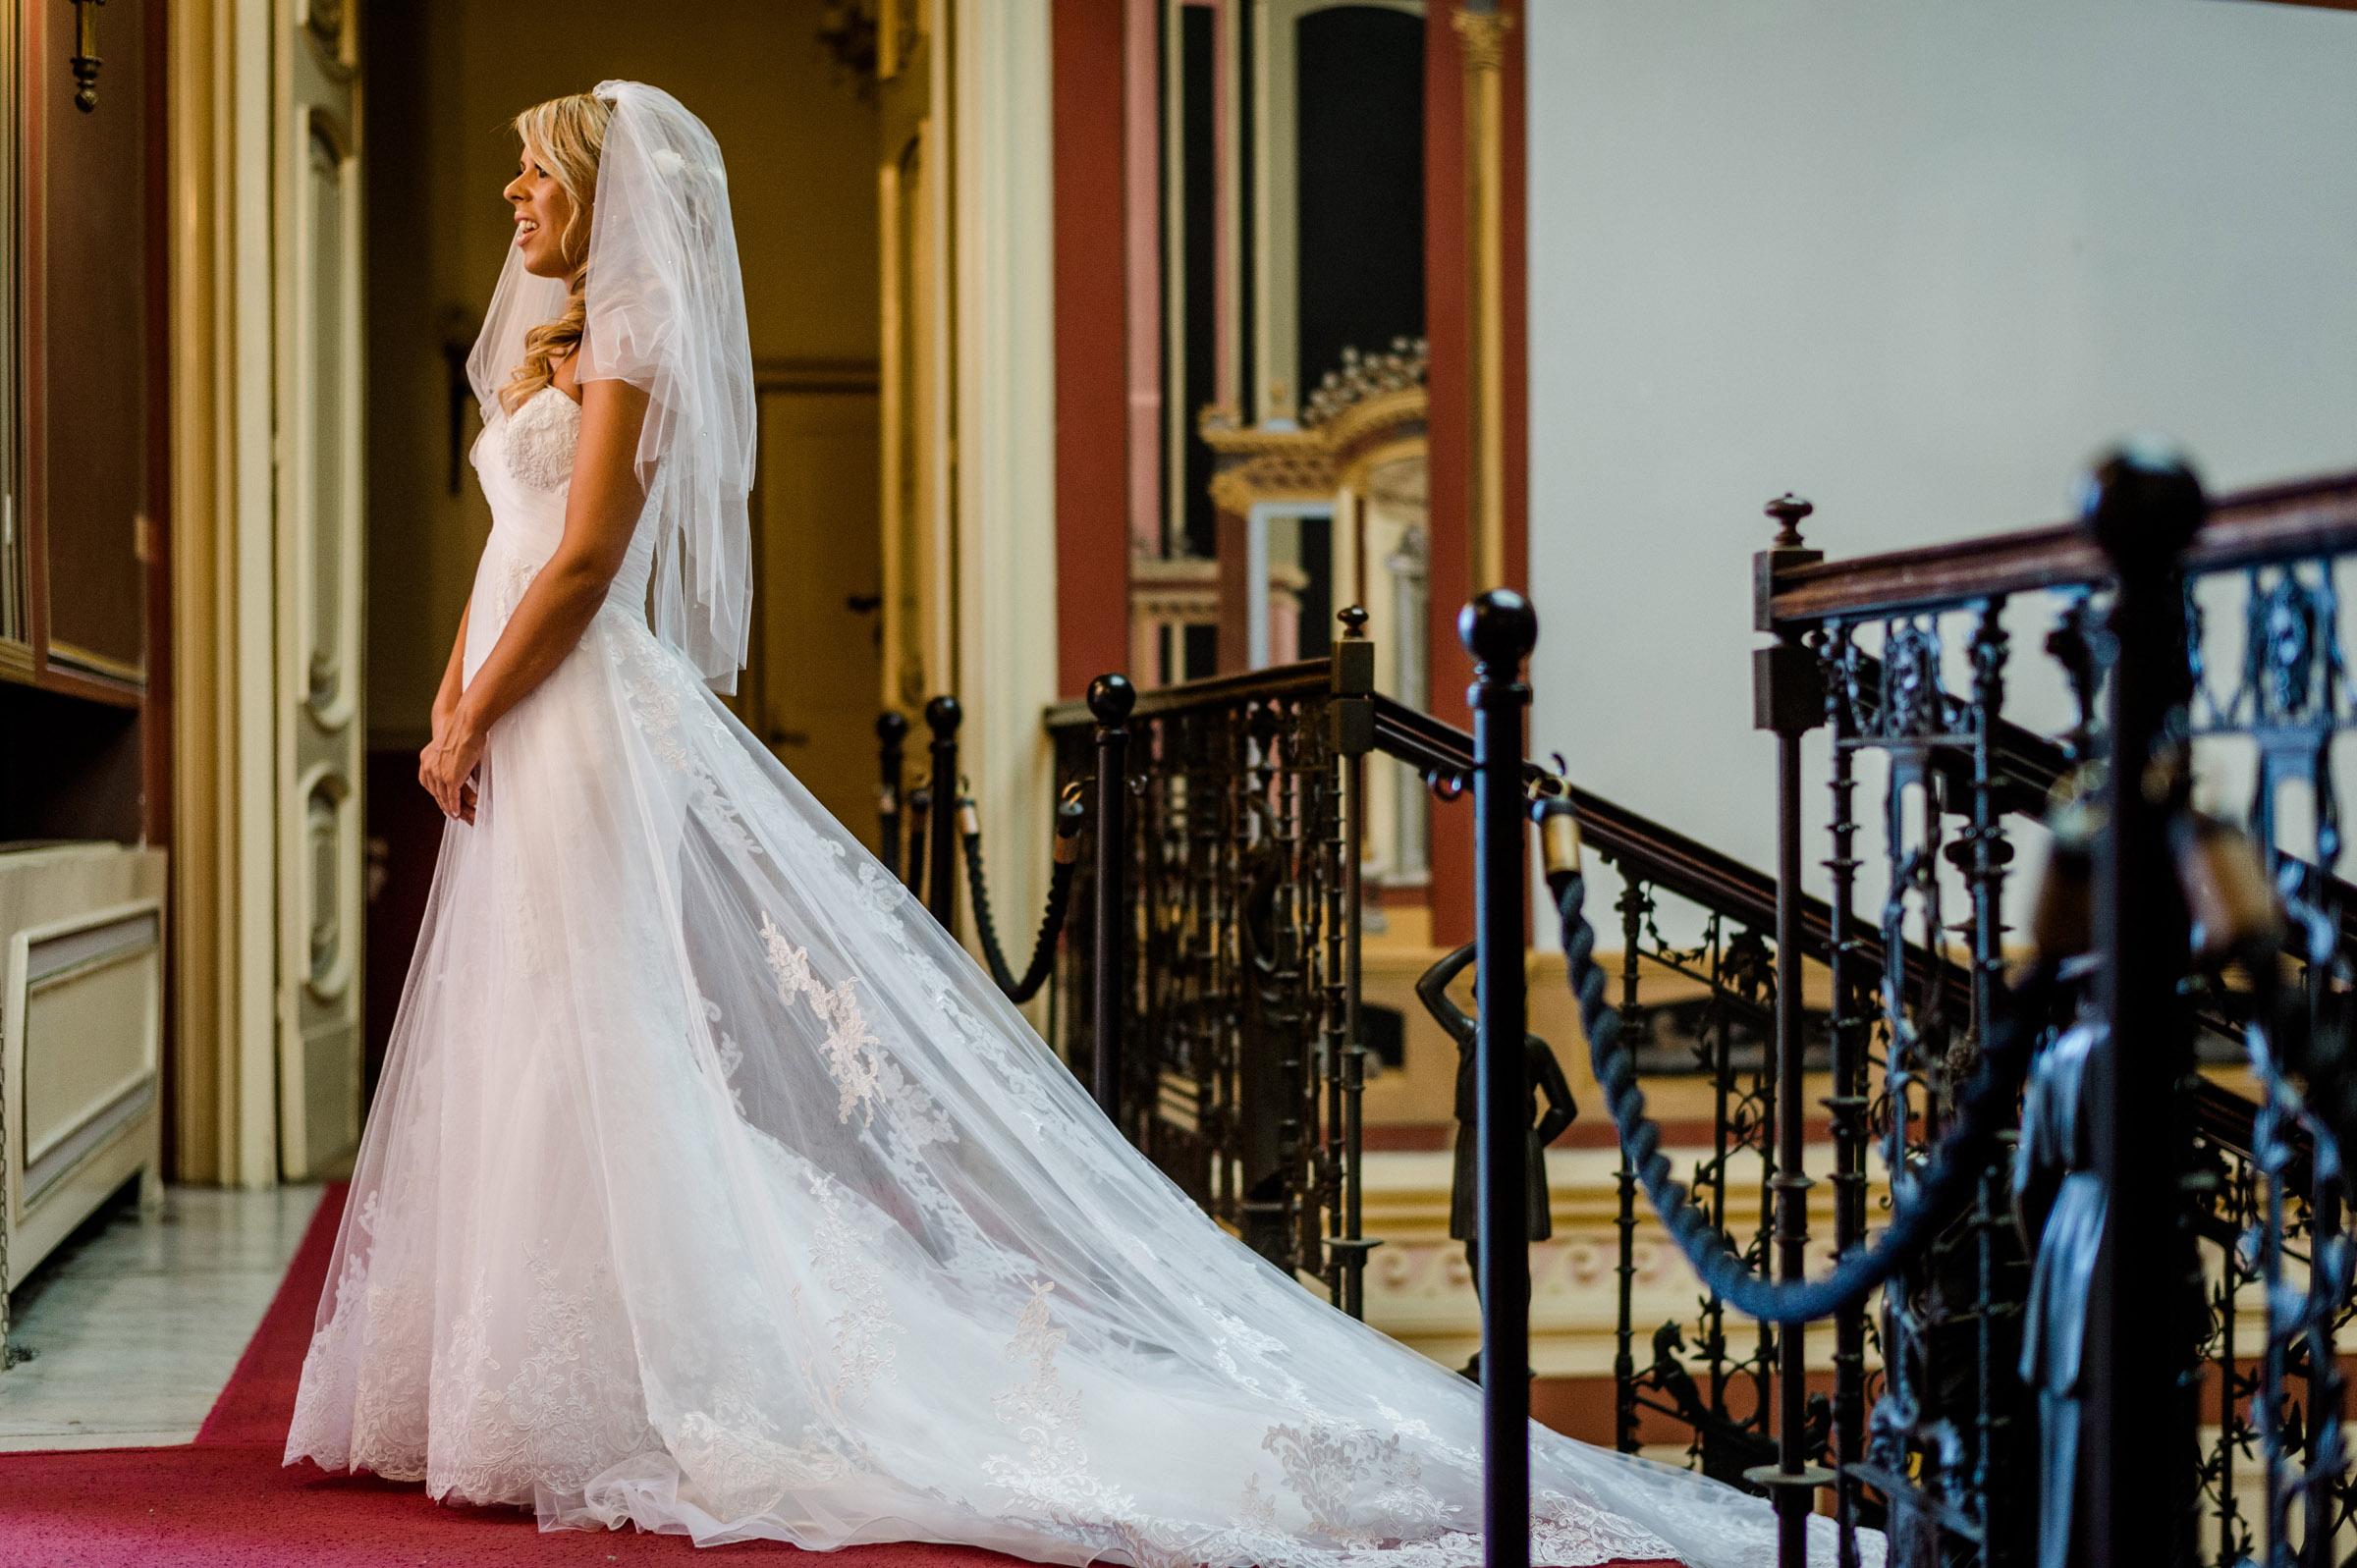 Corfu-Wedding-Photography-0040.jpg